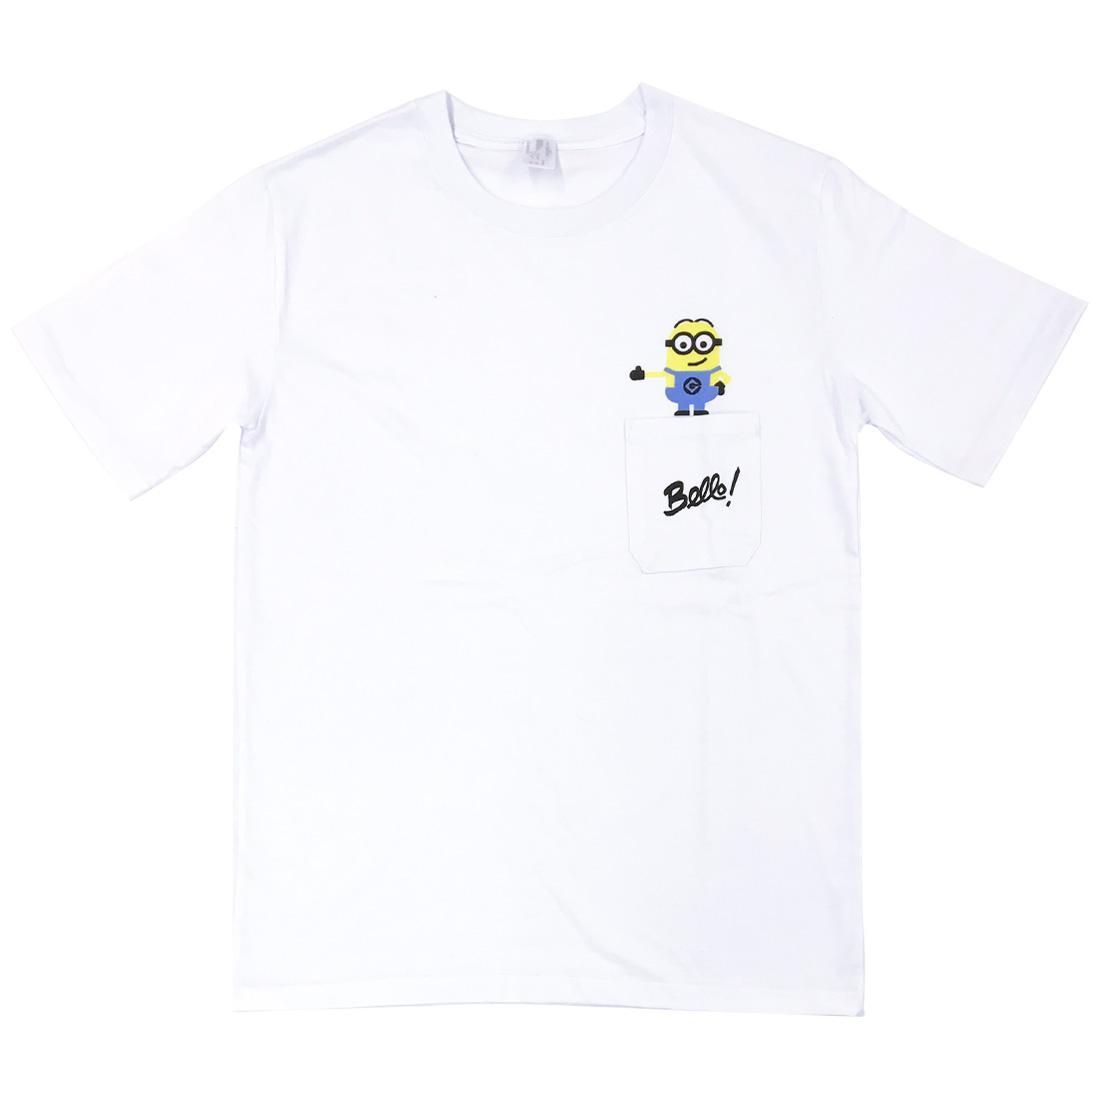 画像2: ミニオンの半袖Tシャツほか楽しいグッズが多数入荷しました!